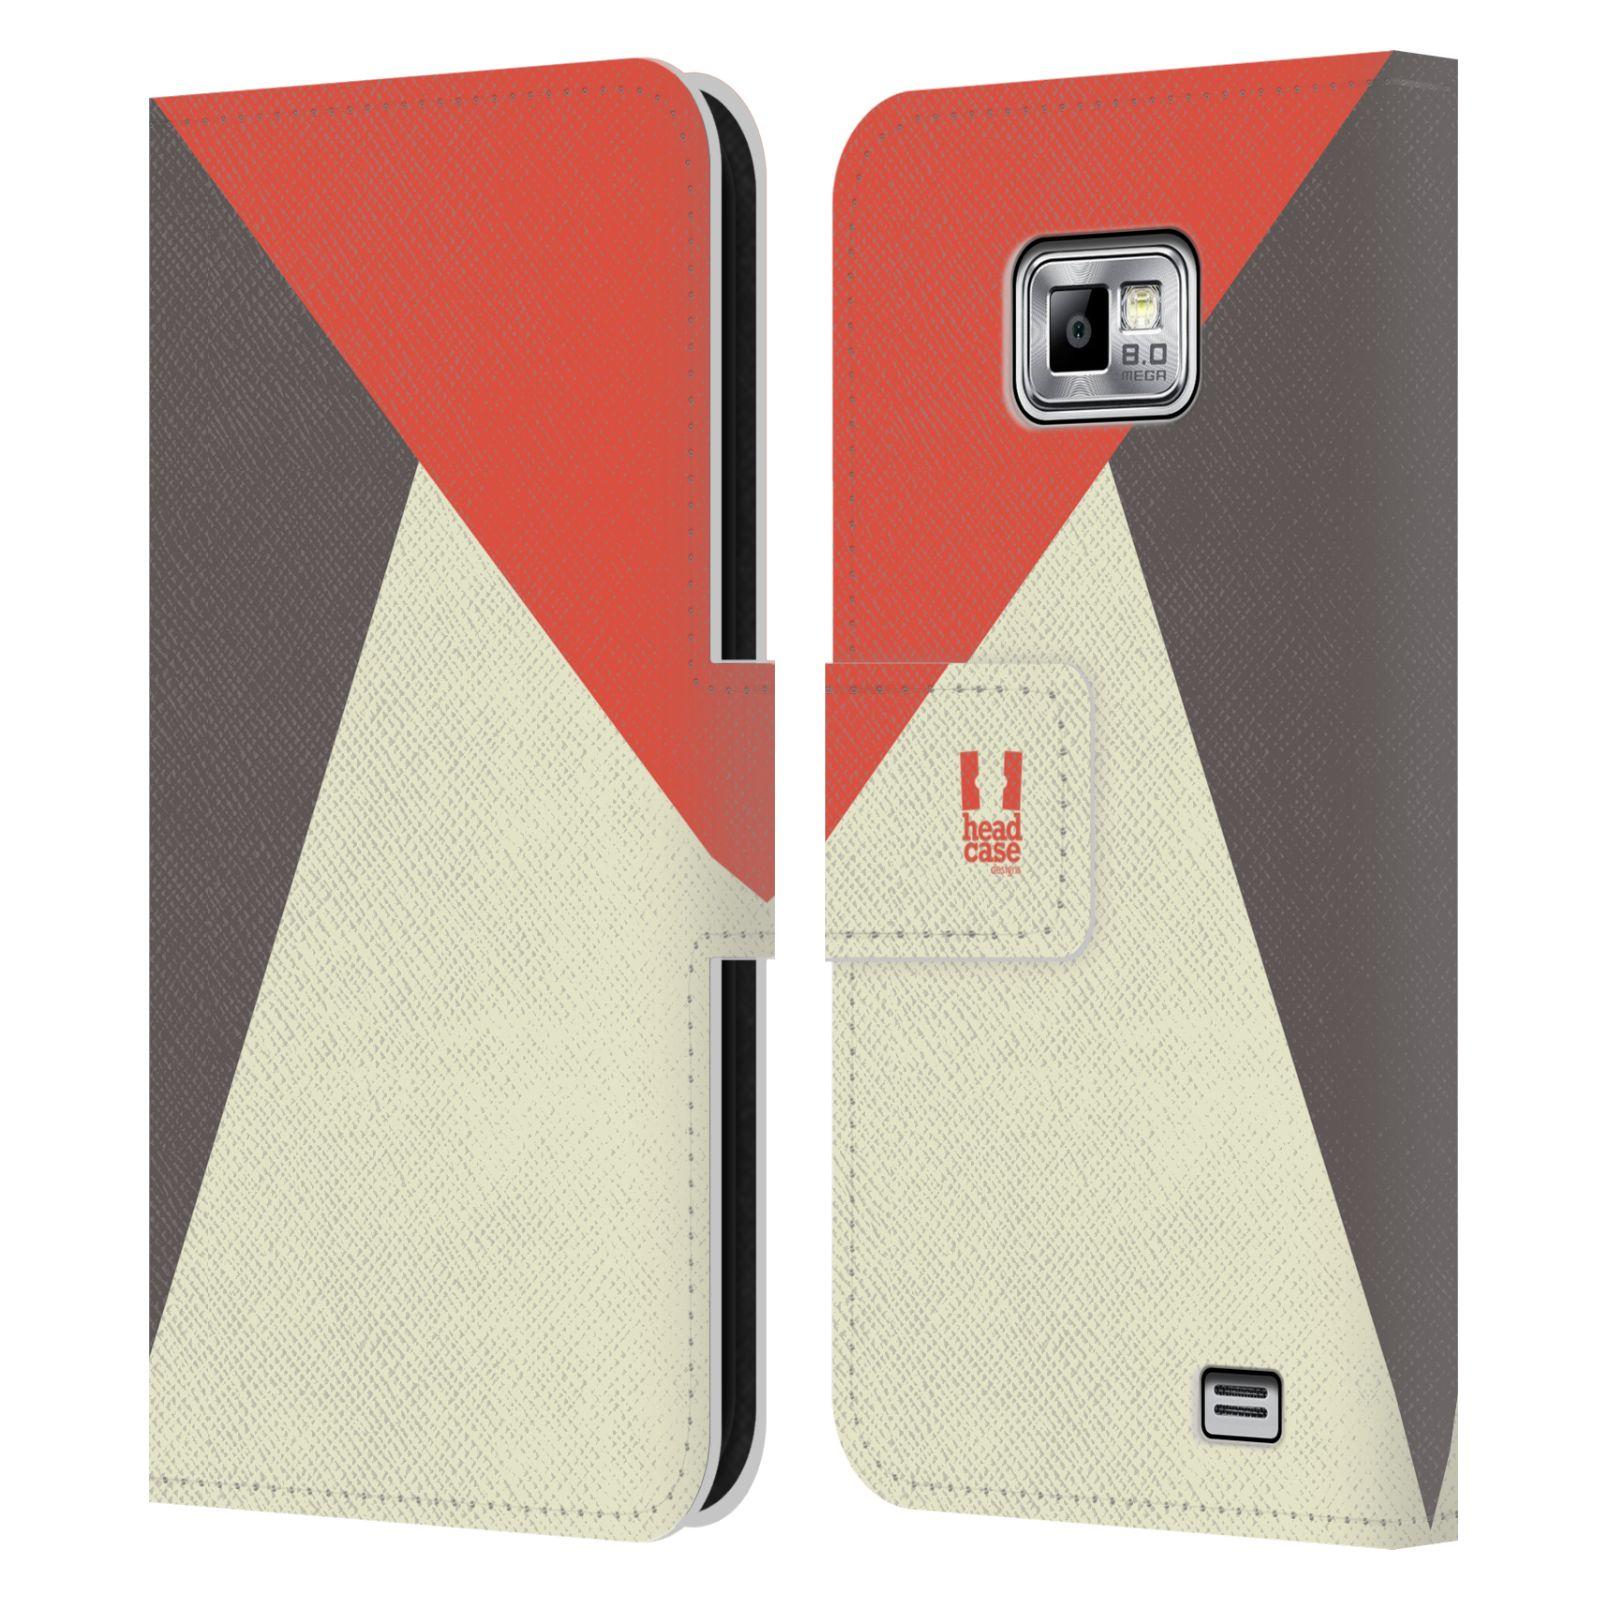 HEAD CASE Flipové pouzdro pro mobil Samsung Galaxy S2 i9100 barevné tvary červená a šedá COOL